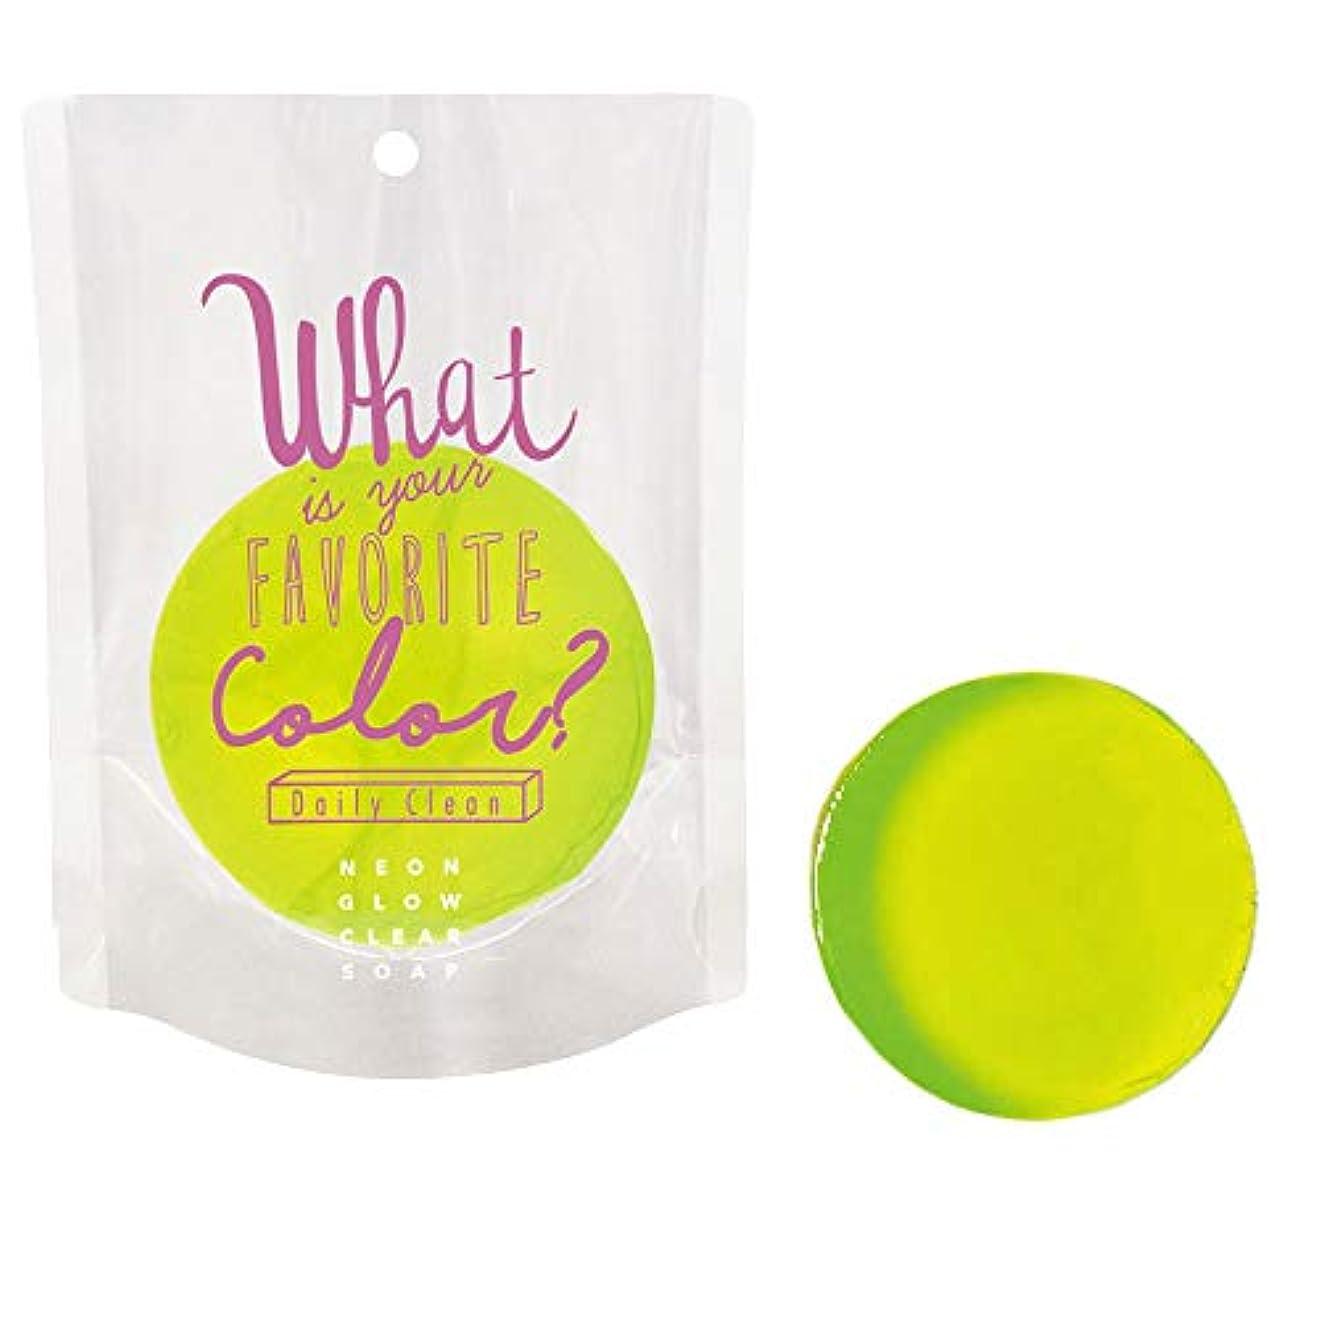 翻訳する賠償遊びますネオングロークリアソープ ob-ngw-2-1-4(02/パパイヤ) Neon Glow Clear Soap 石鹸 ノルコーポレーション 固形 せっけん カラフル 香り 清潔 ギフト プレゼント